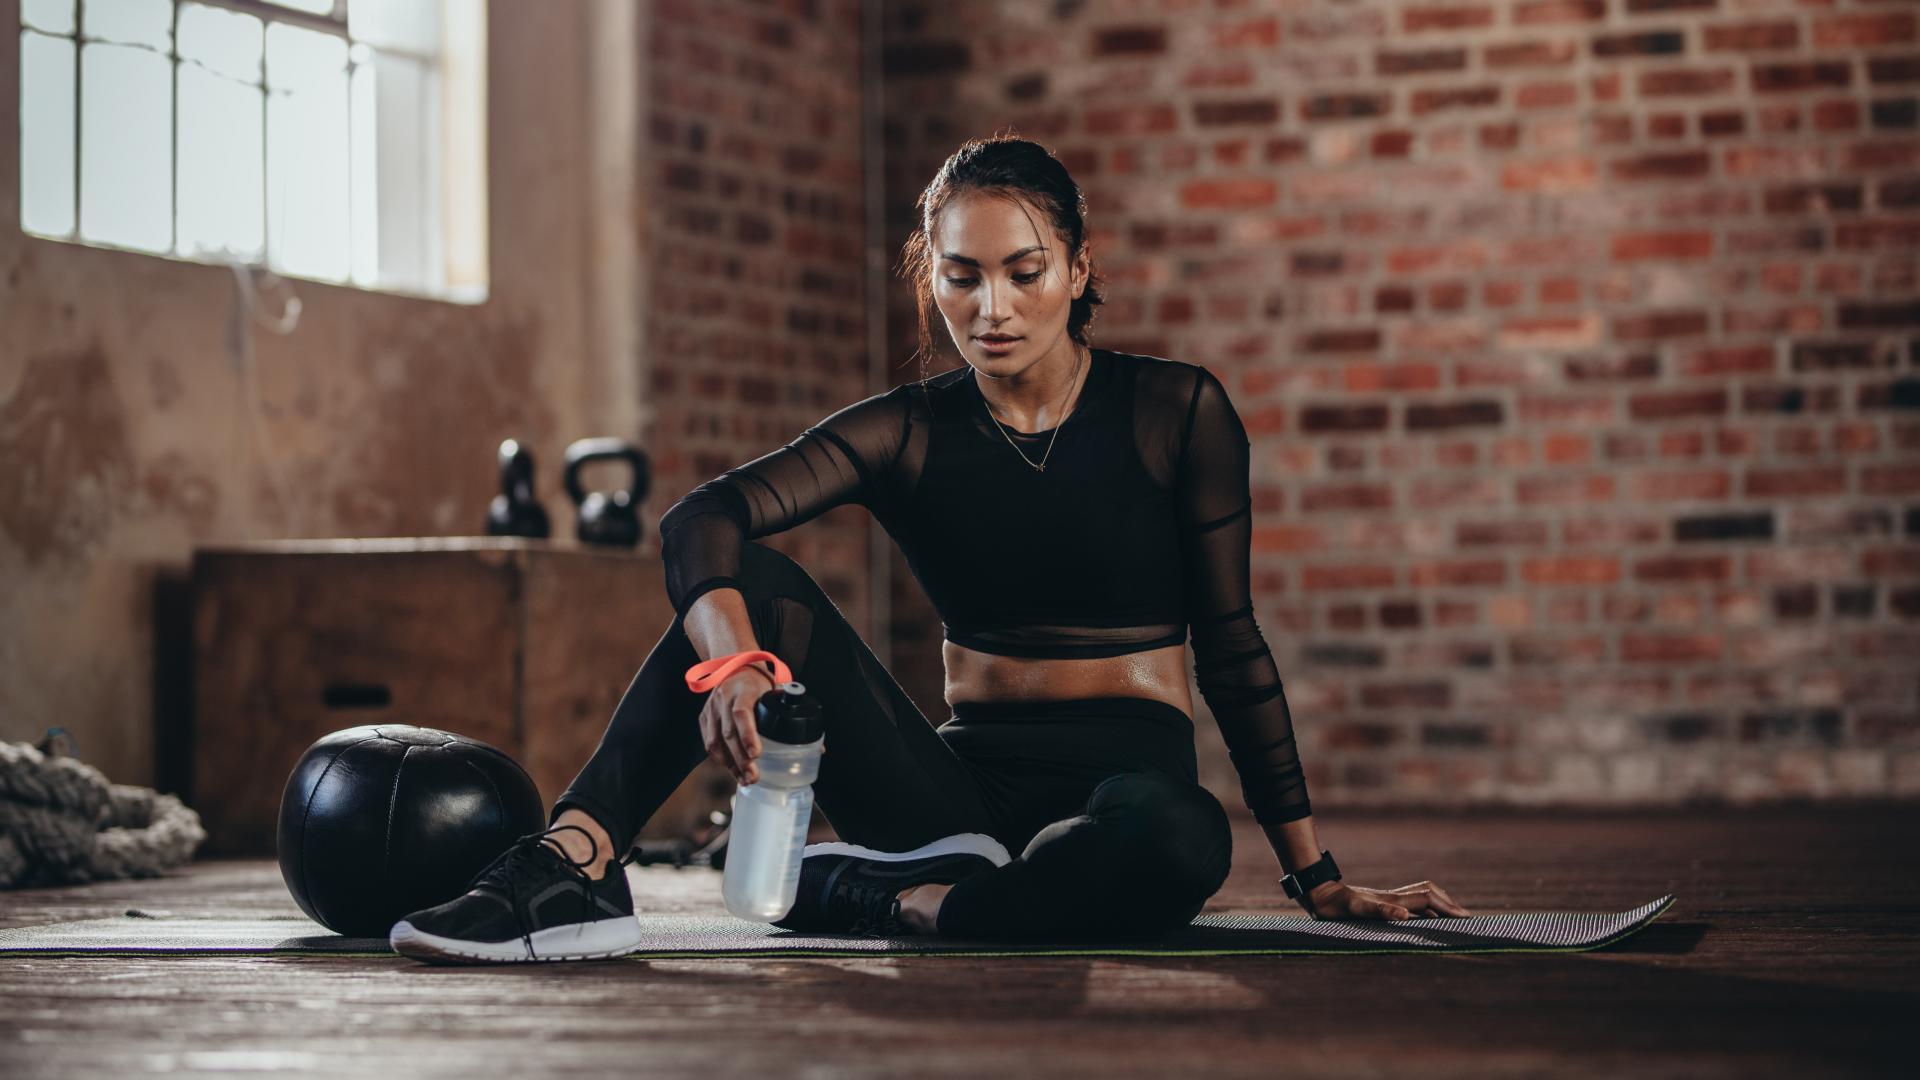 Frau nach Work out